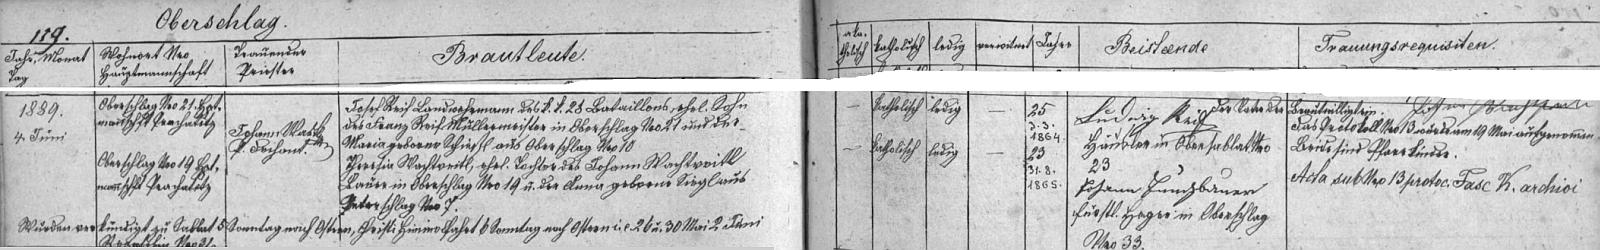 Josef Reif, narozený 3. března roku 1864, zeměbranec c.k. 28. batalionu, syn Franze Reifa, mlynáře v Milešicích čp. 21,  a Marie, roz. Schiestlové z Milešic čp. 10 si podle záznamu oddací matriky farní obce Záblatí bere 4. června roku 1899 ve zdejším kostele Stětí sv. Jana Křtitele za ženu budoucí matku svého syna Josefa na milešickém Wachtveitlově stavení čp. 19 Theresii, dne 31. srpna 1865 narozenou dceru rolníka v Milešicích čp. 19 Johanna Wachtveitla a Anny, roz. Sieglové ze zaniklých Petrovic (Peterschlag) čp. 7